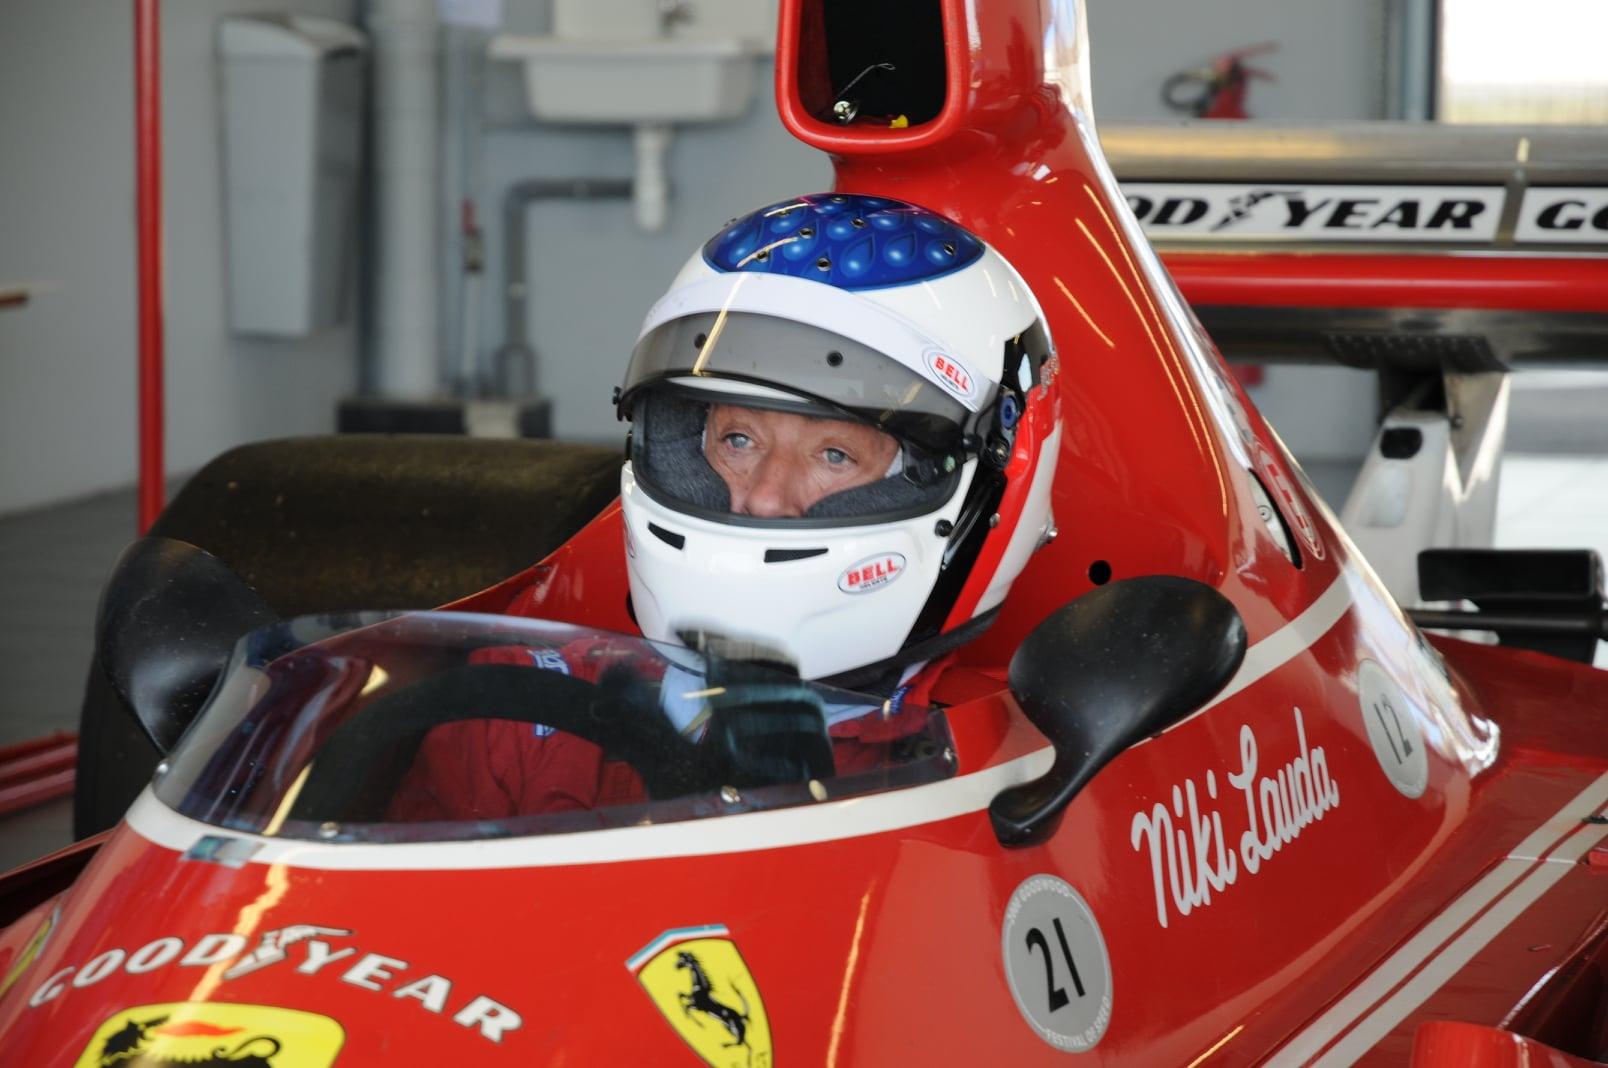 F.1 GP MONTECARLO STORICO Jean Alesi in pista con la Ferrari B3 onora Niki Lauda